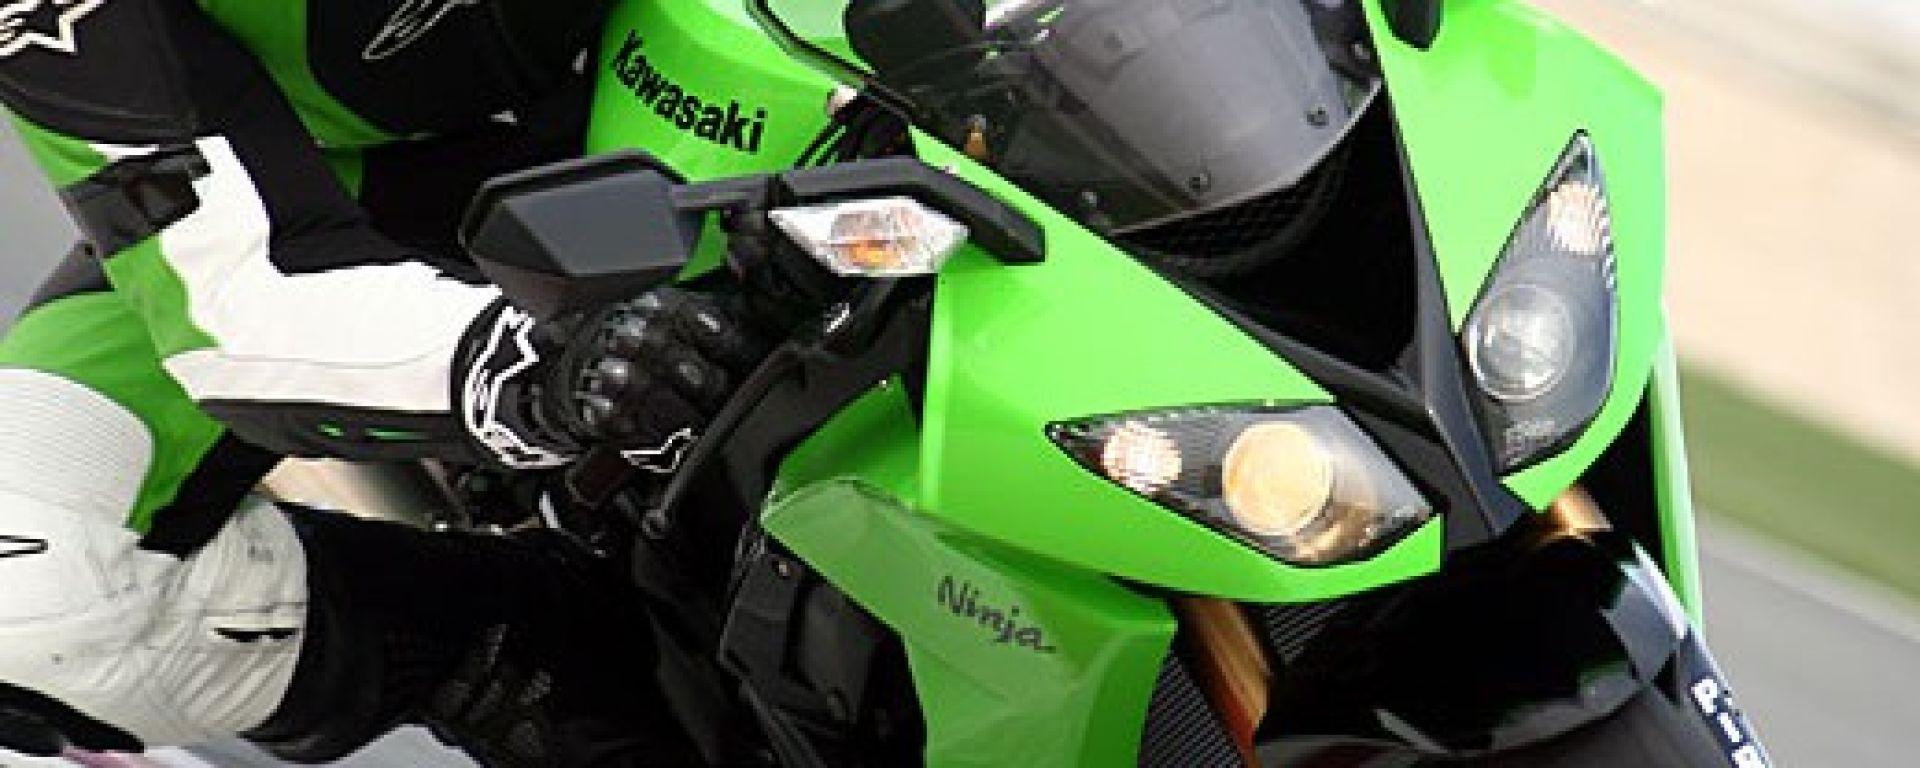 Kawasaki Ninja ZX-10R 2008